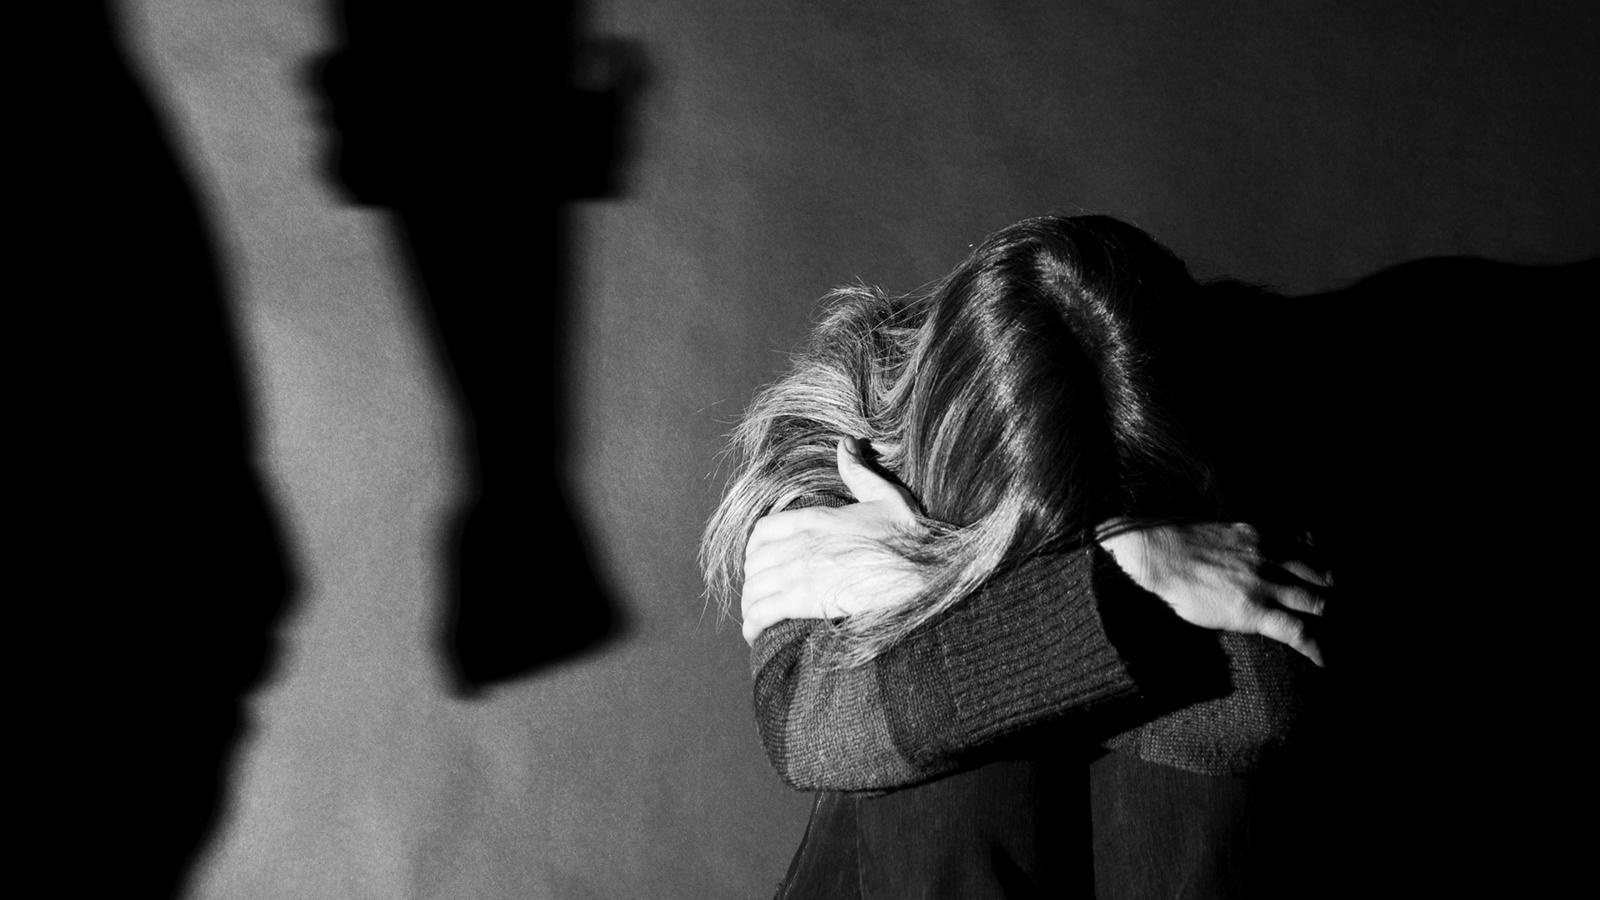 Neblaivi Kelmės rajono gyventoja vaikus tampė už plaukų, klupdė ant žemės